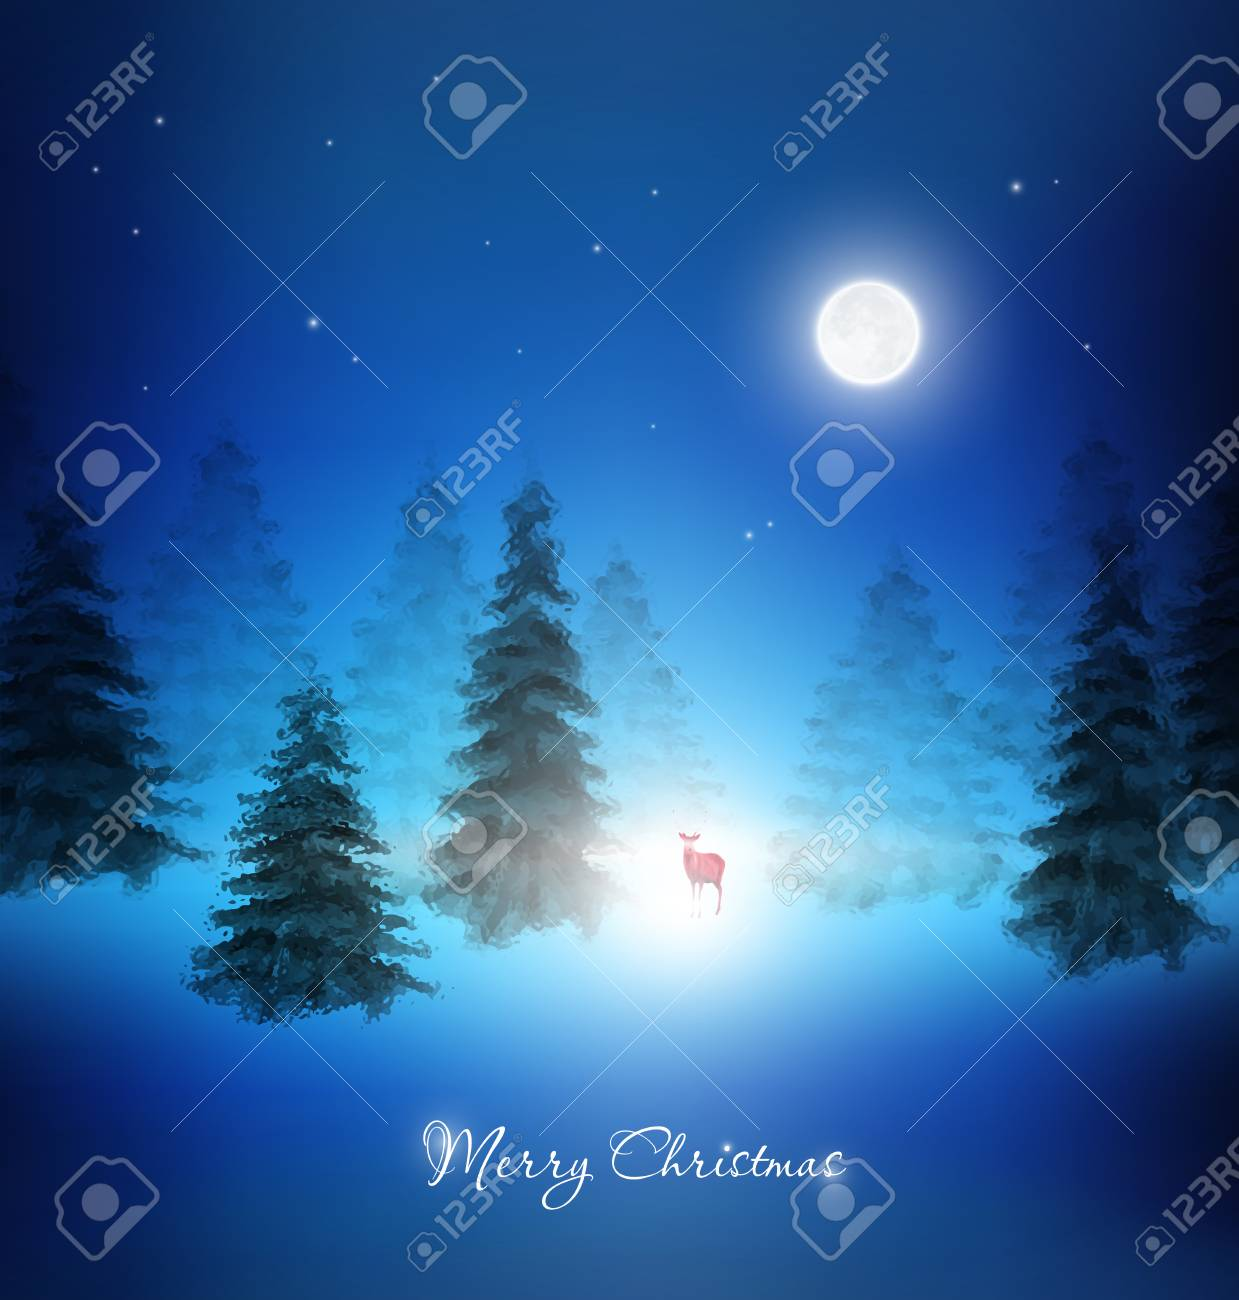 Foto Notte Di Natale.Priorita Bassa Di Notte Di Natale Wth Renna E Alberi Inverno